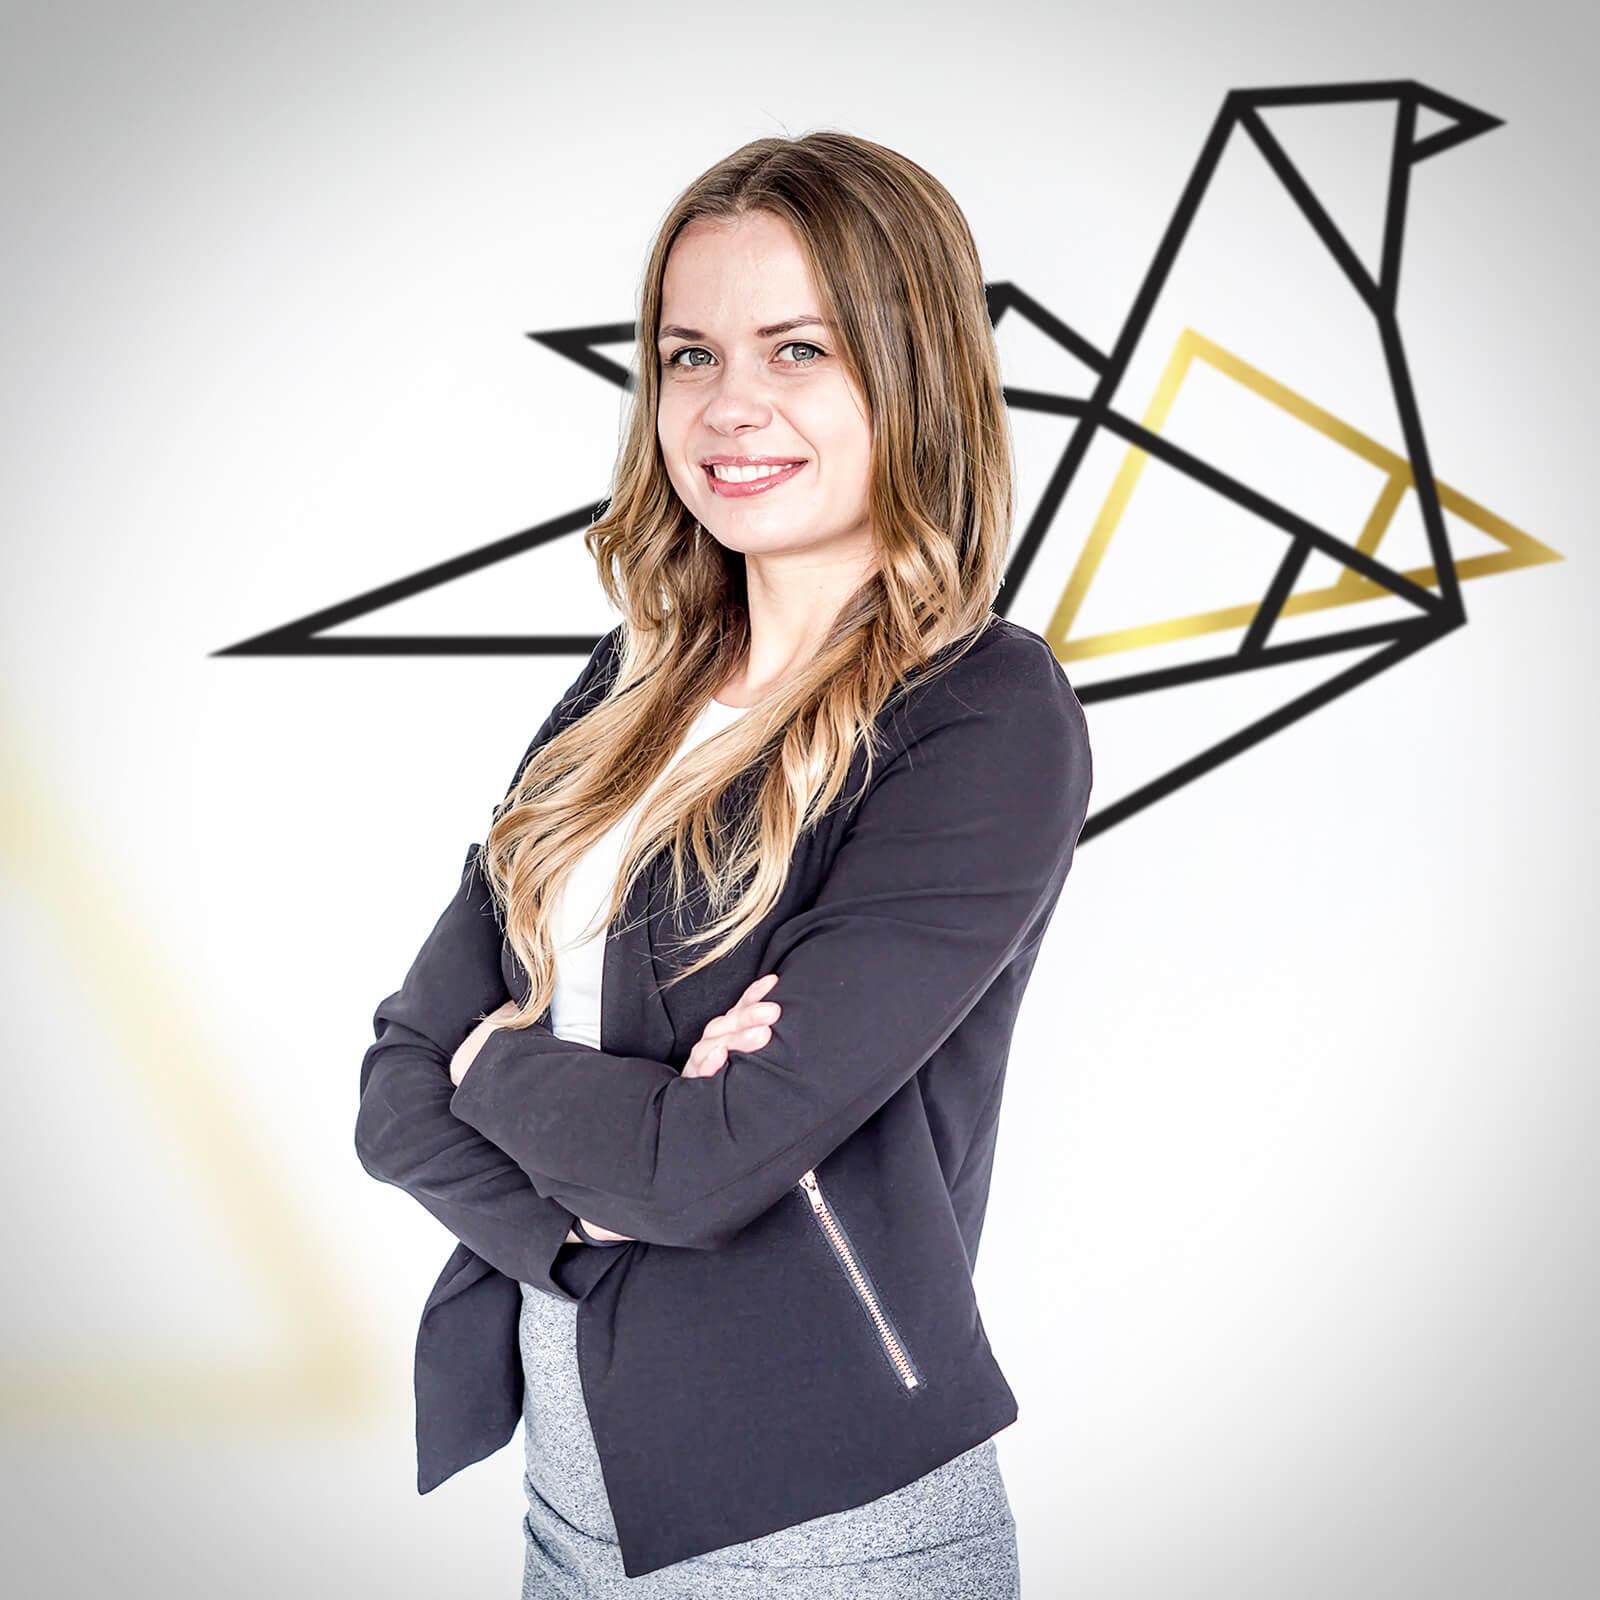 Katarzyna Adamkiewicz